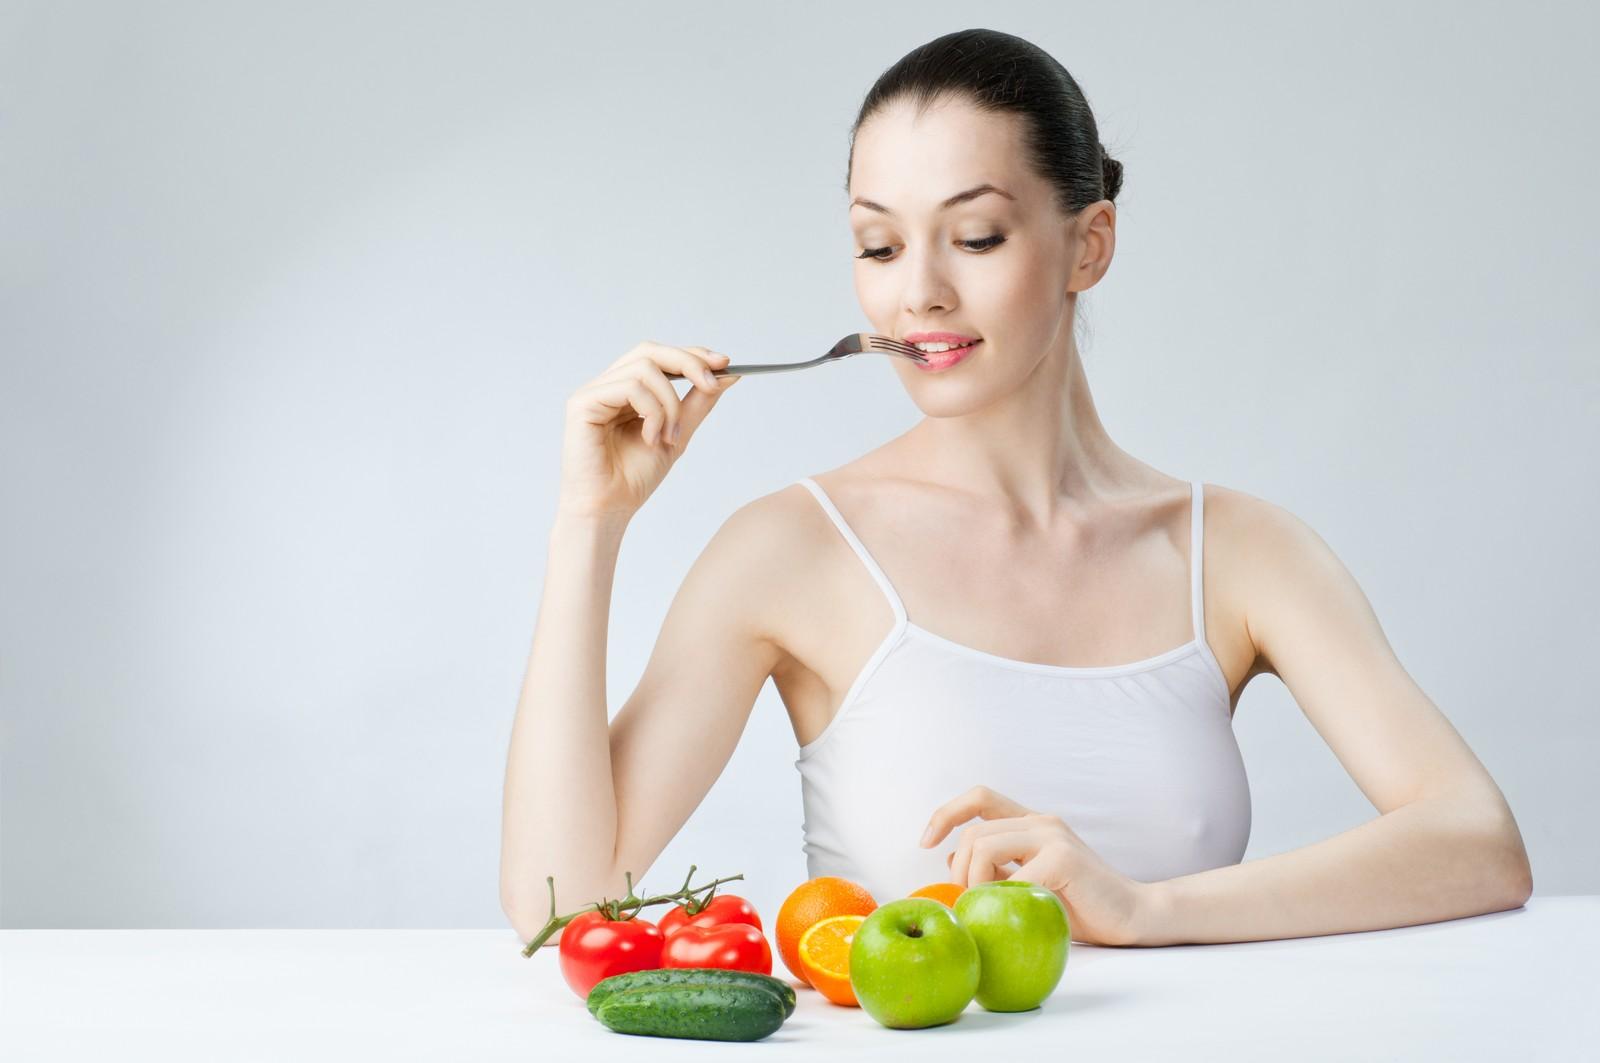 Похудеть в лице питание